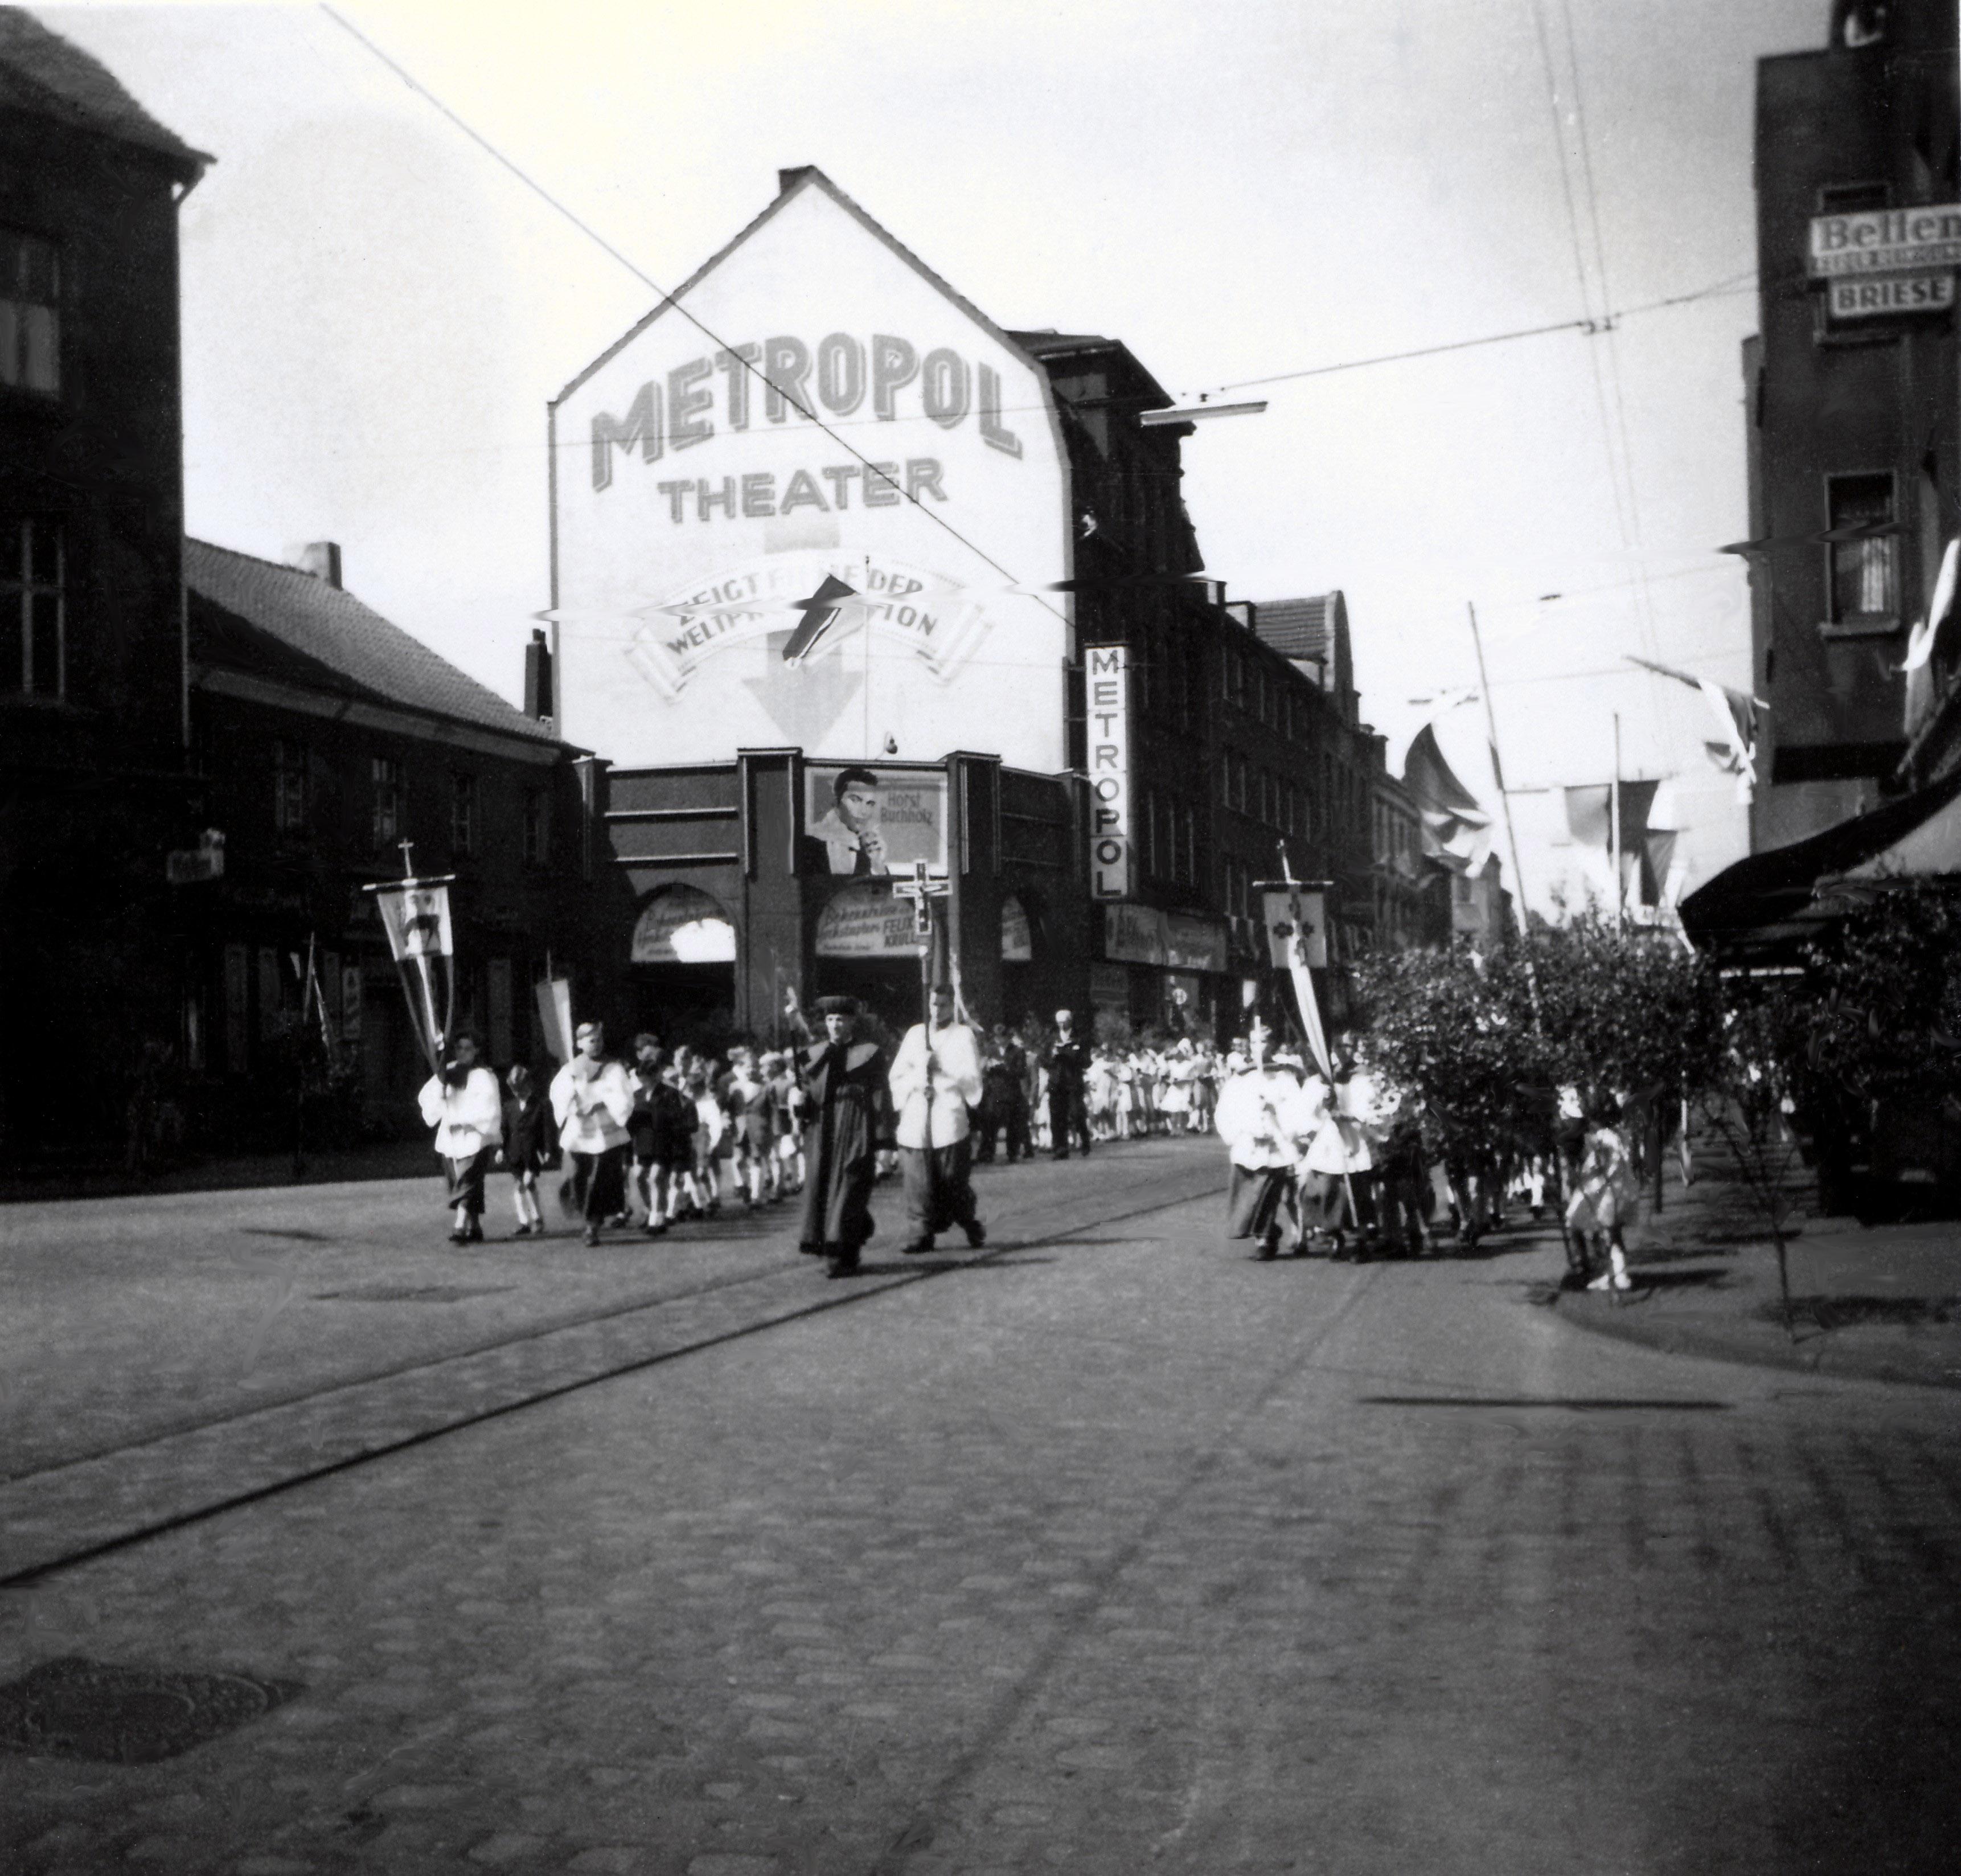 File:1957.06.20-Fronleichnamsprozession in Alt-Hamborn (Duisburg).jpg